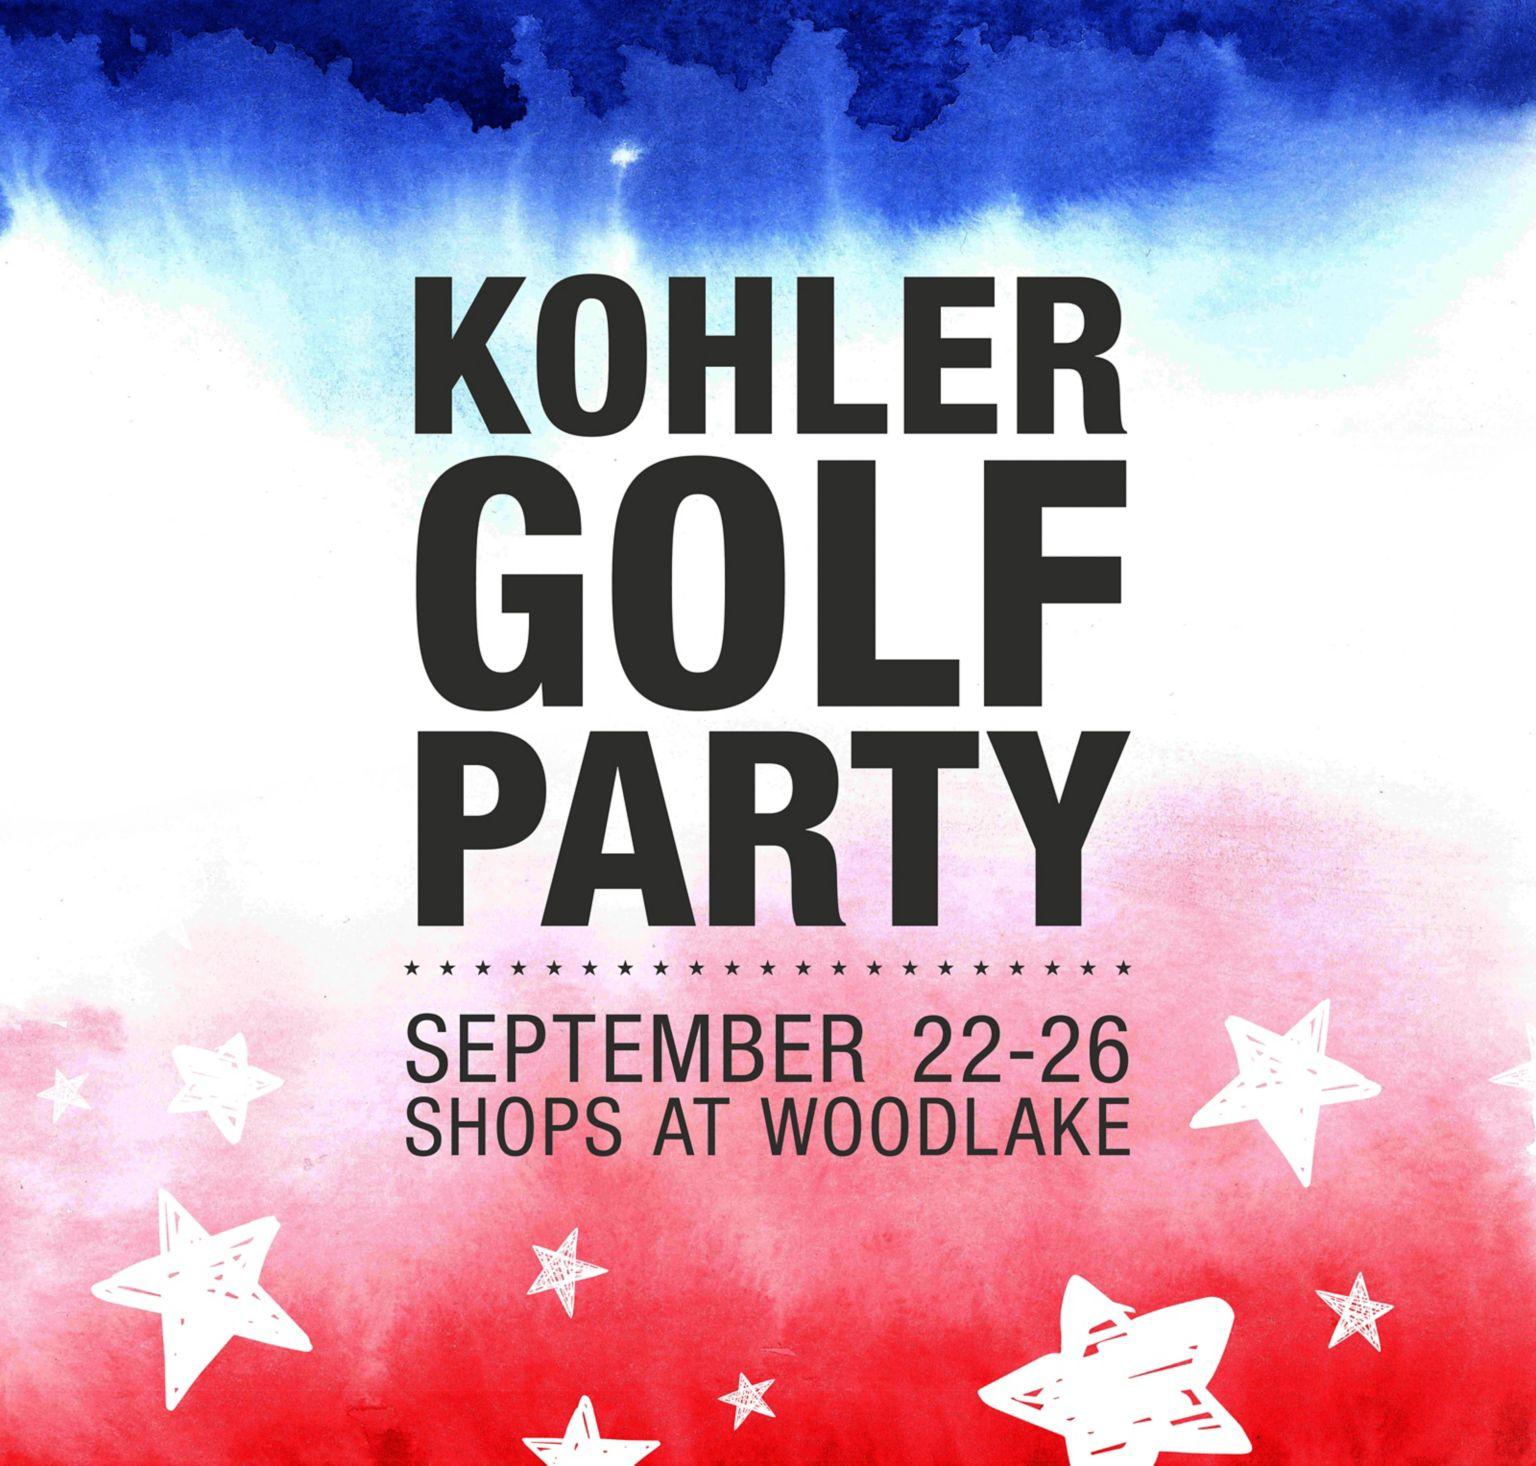 Kohler Golf Party